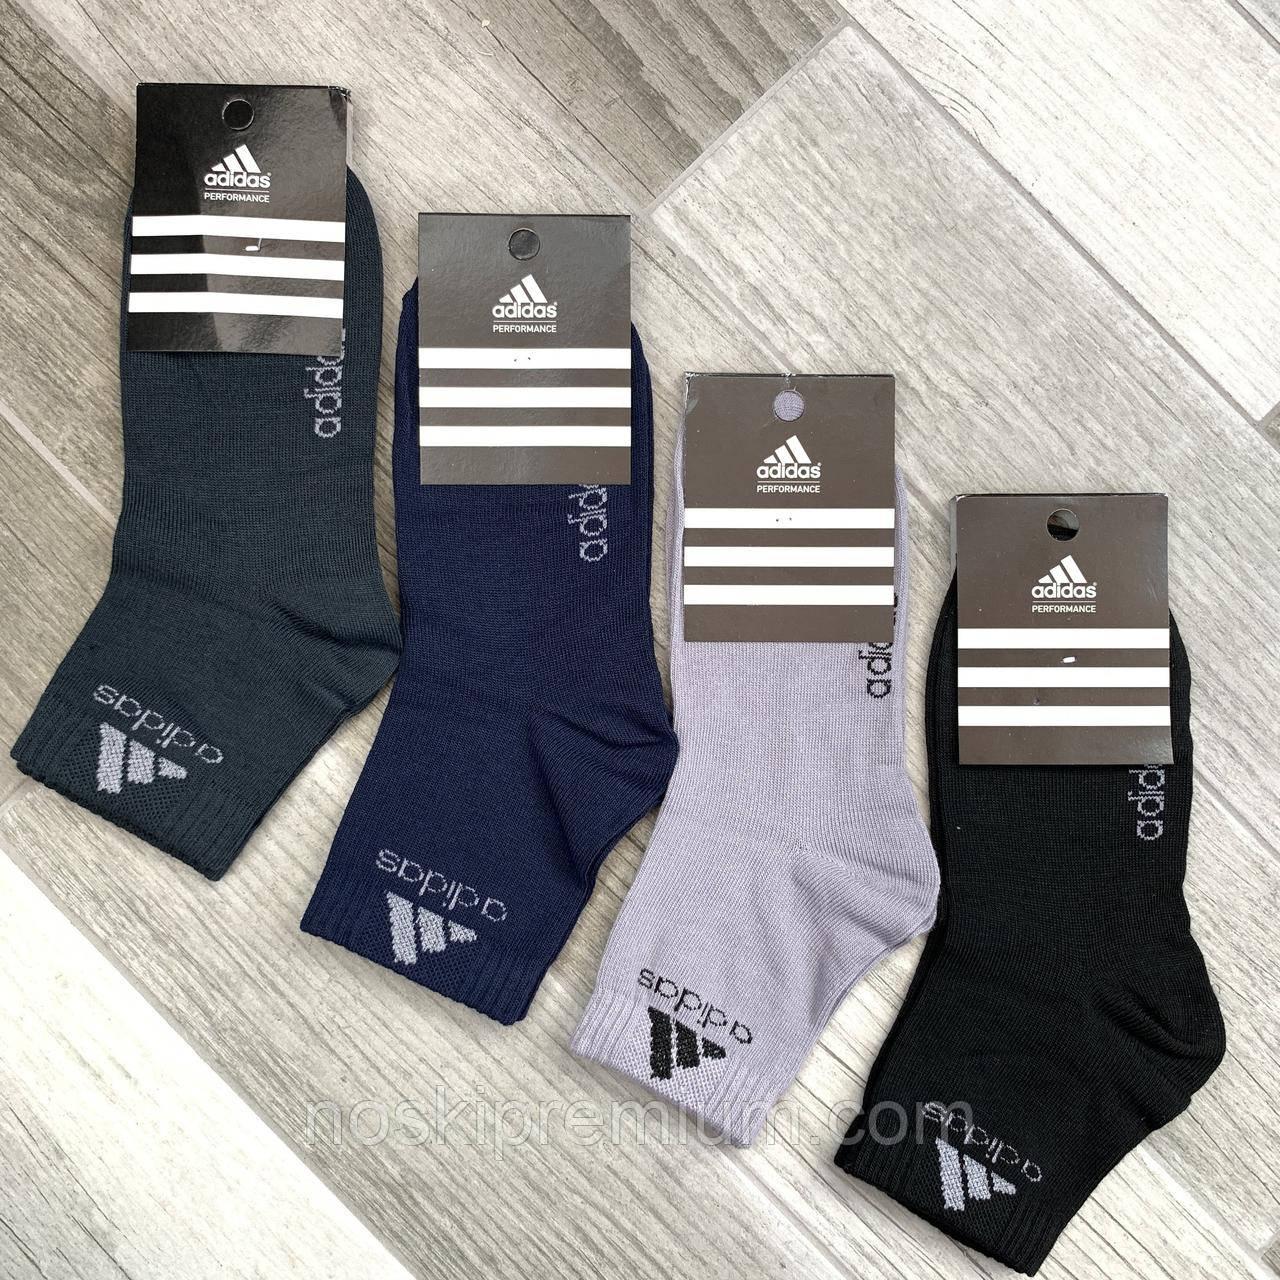 Носки женские спортивные демисезонные х/б Adidas, Турция, ассорти, средние, 06174